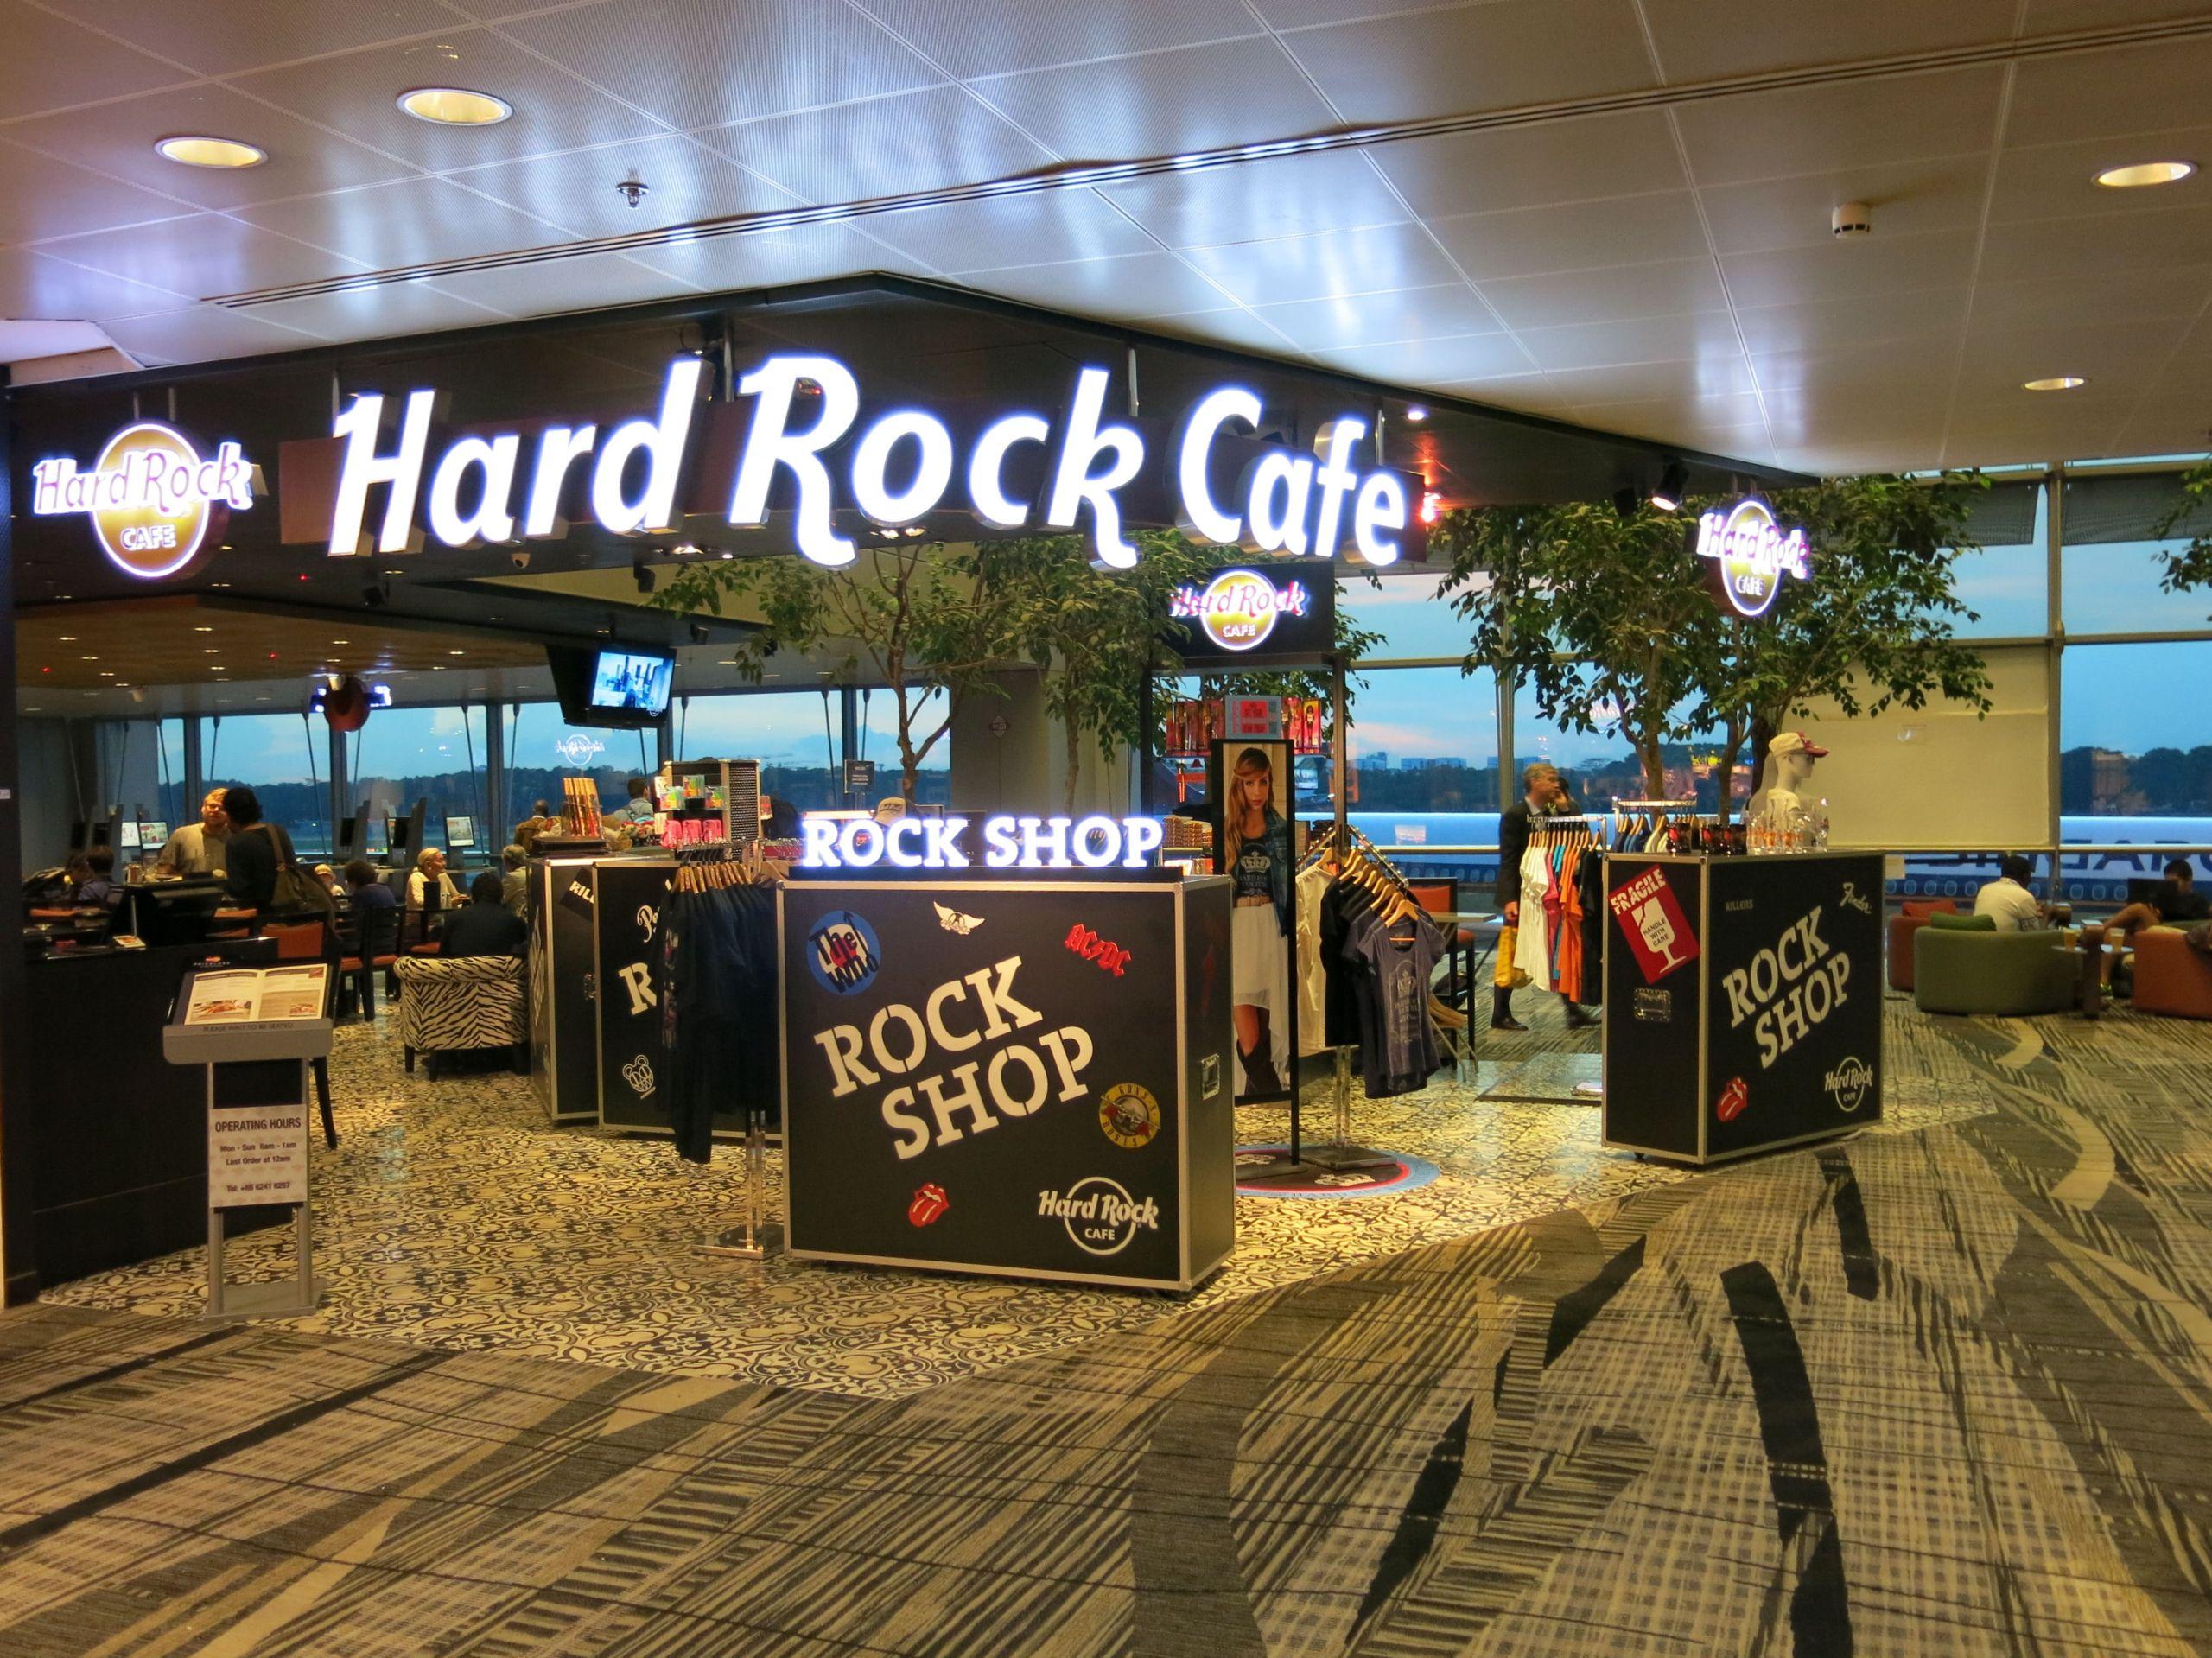 Hard Rock Cafe Hotel Singapore